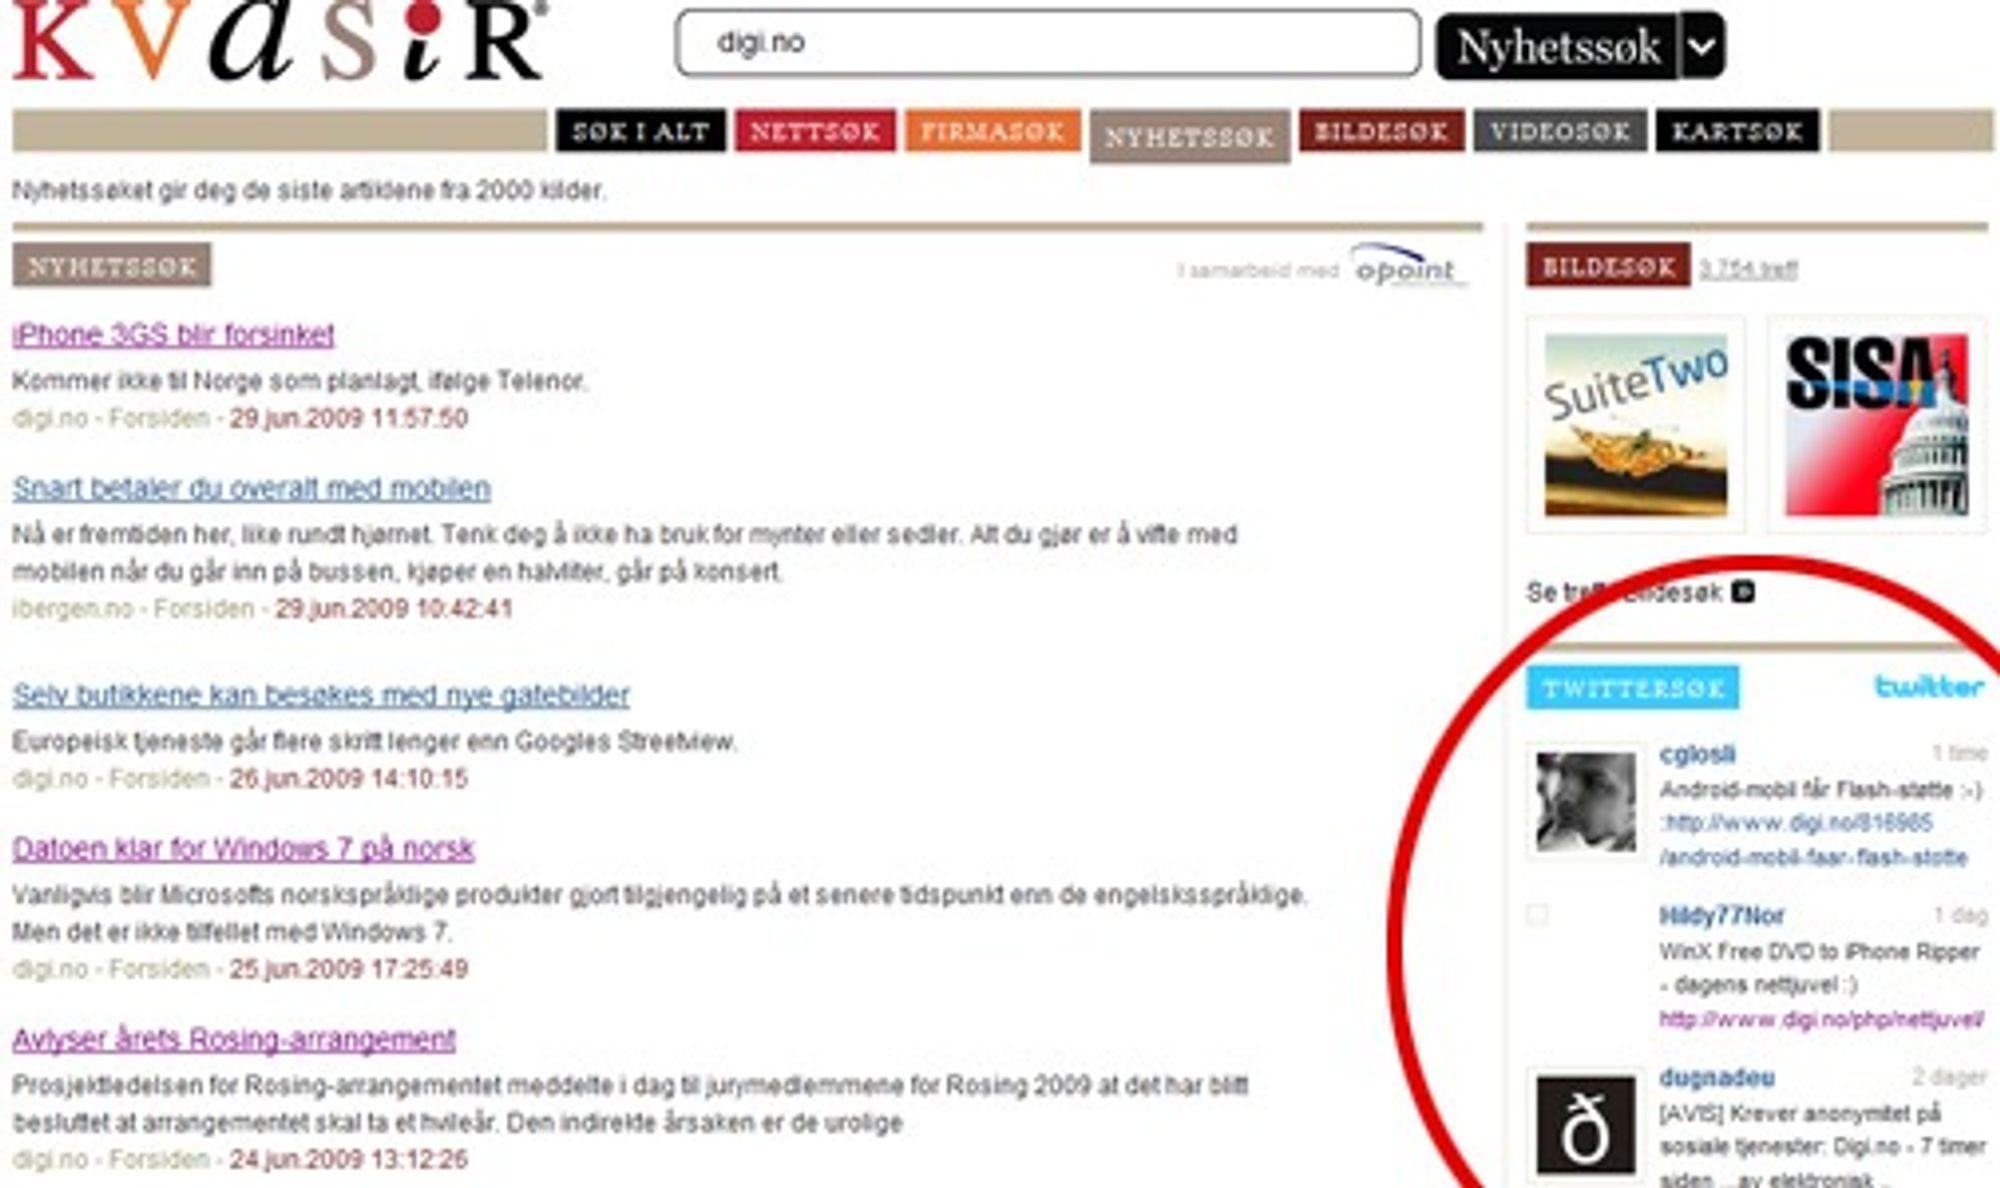 Kvasir lar brukere nå søke blant innhold fra mikrobloggtjenesten Twitter.